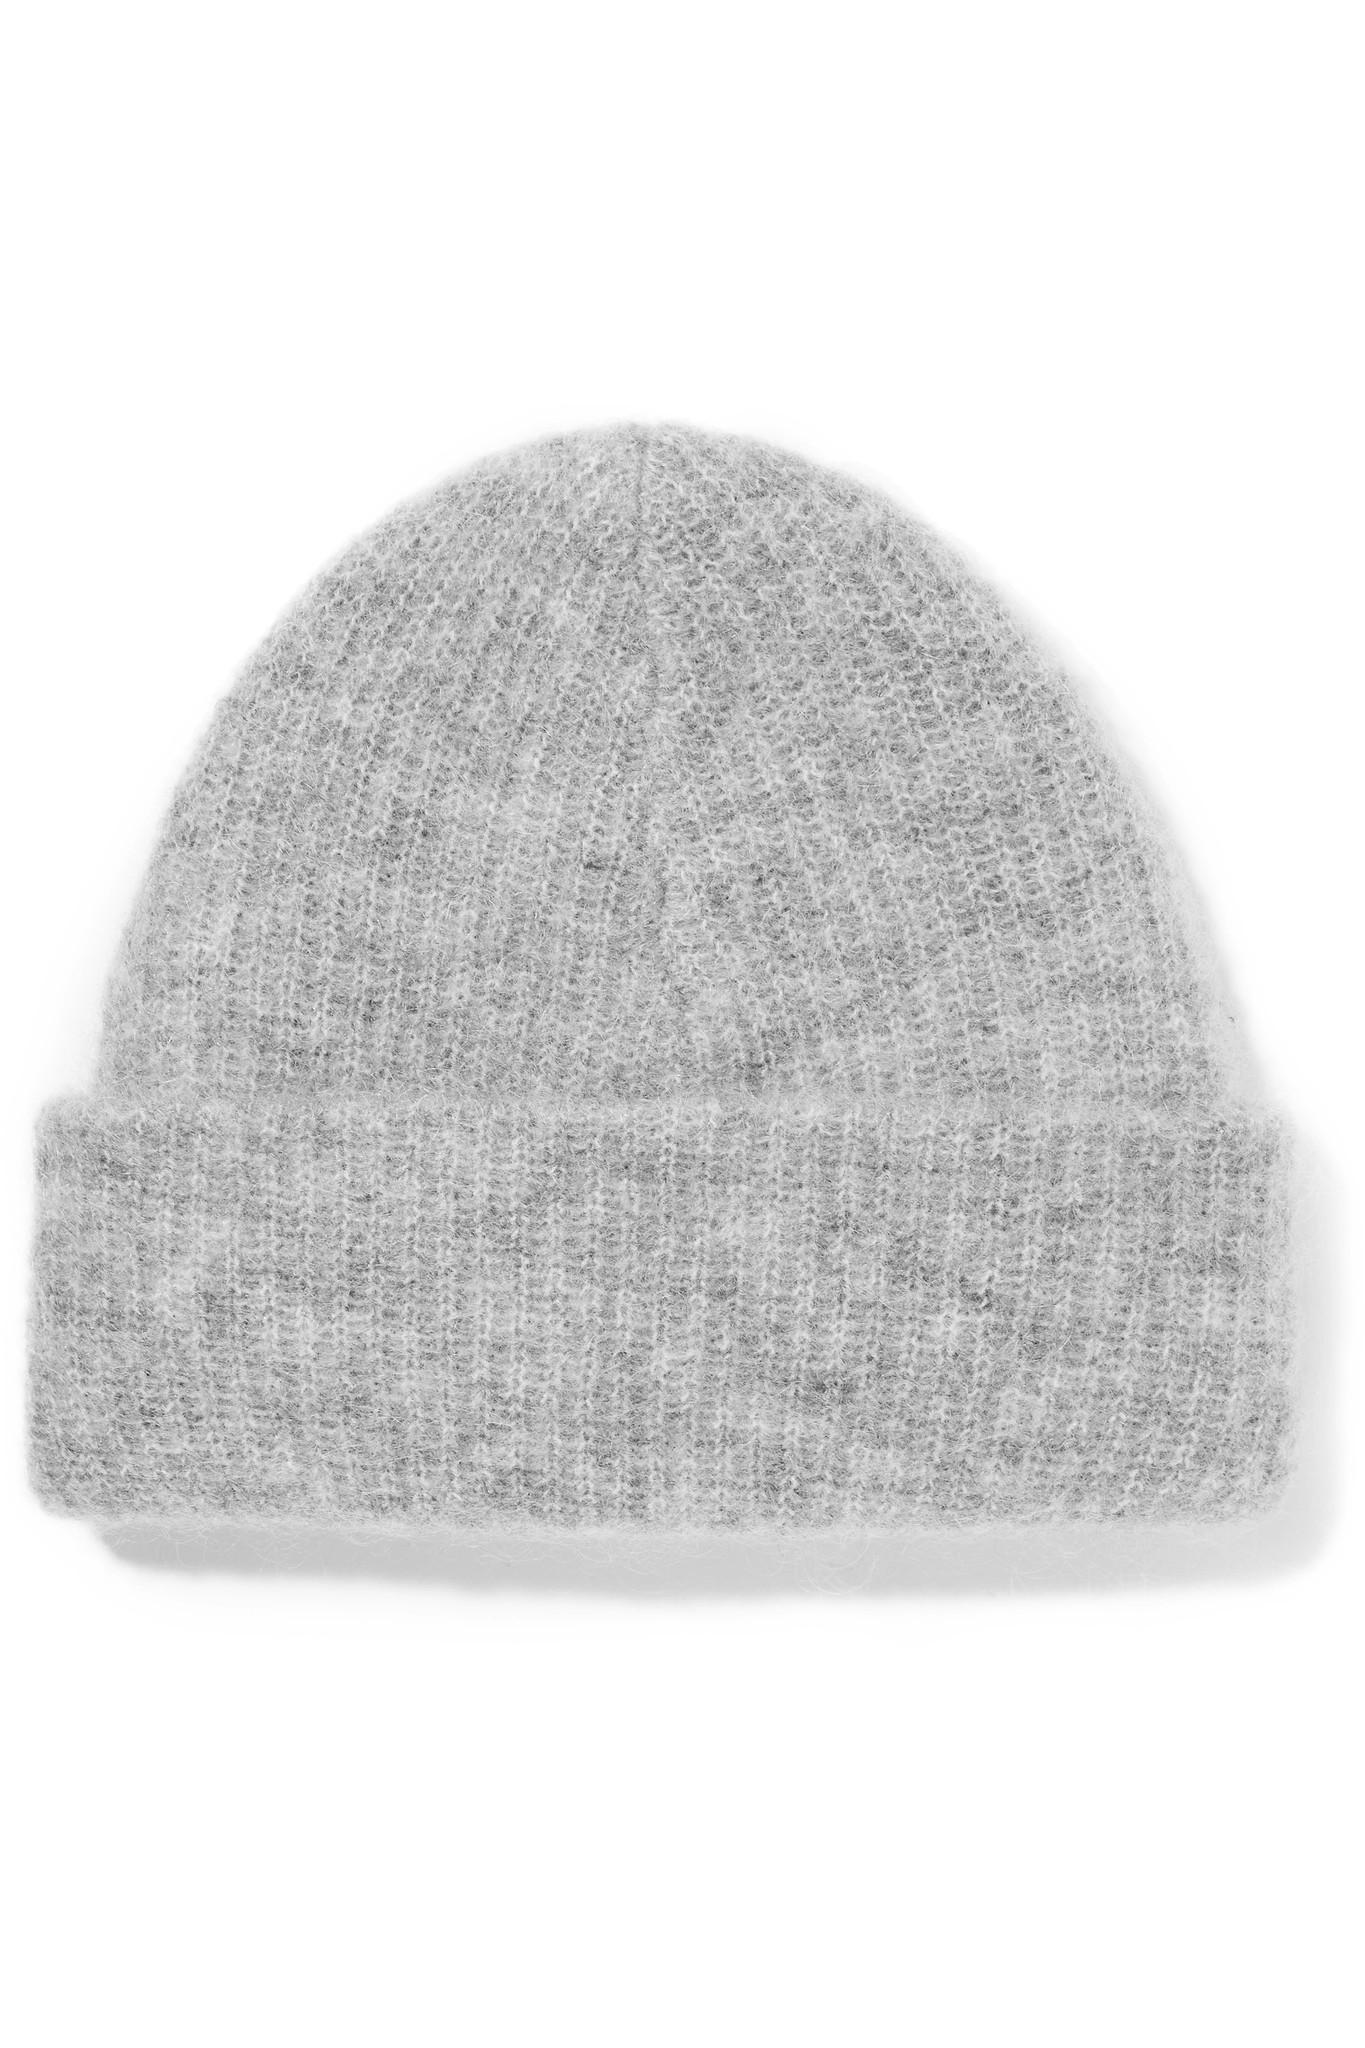 06e5dd11da0df Lyst - Ganni Ribbed-knit Beanie in Gray